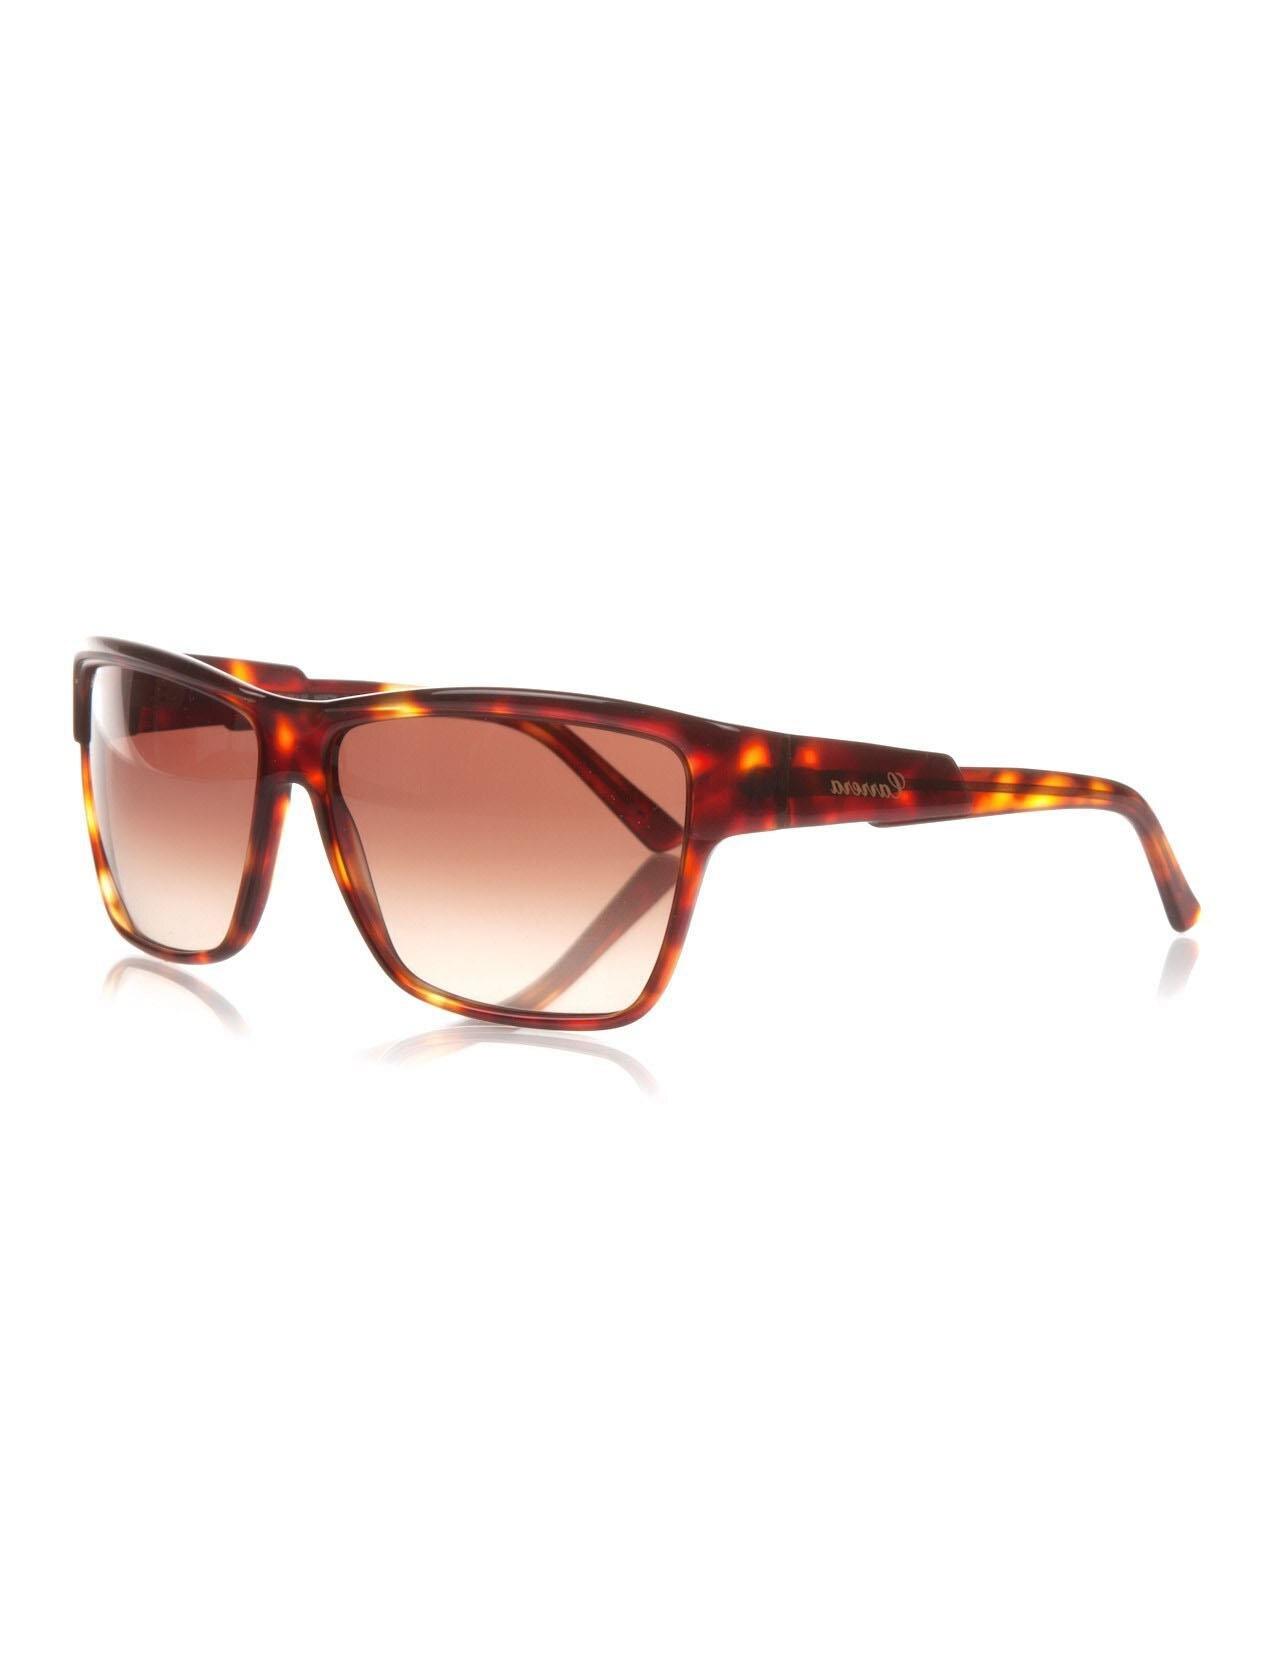 Unisex sunglasses cr 42 wdr 59 sh bone Brown organic square square 59-13-125 carrera